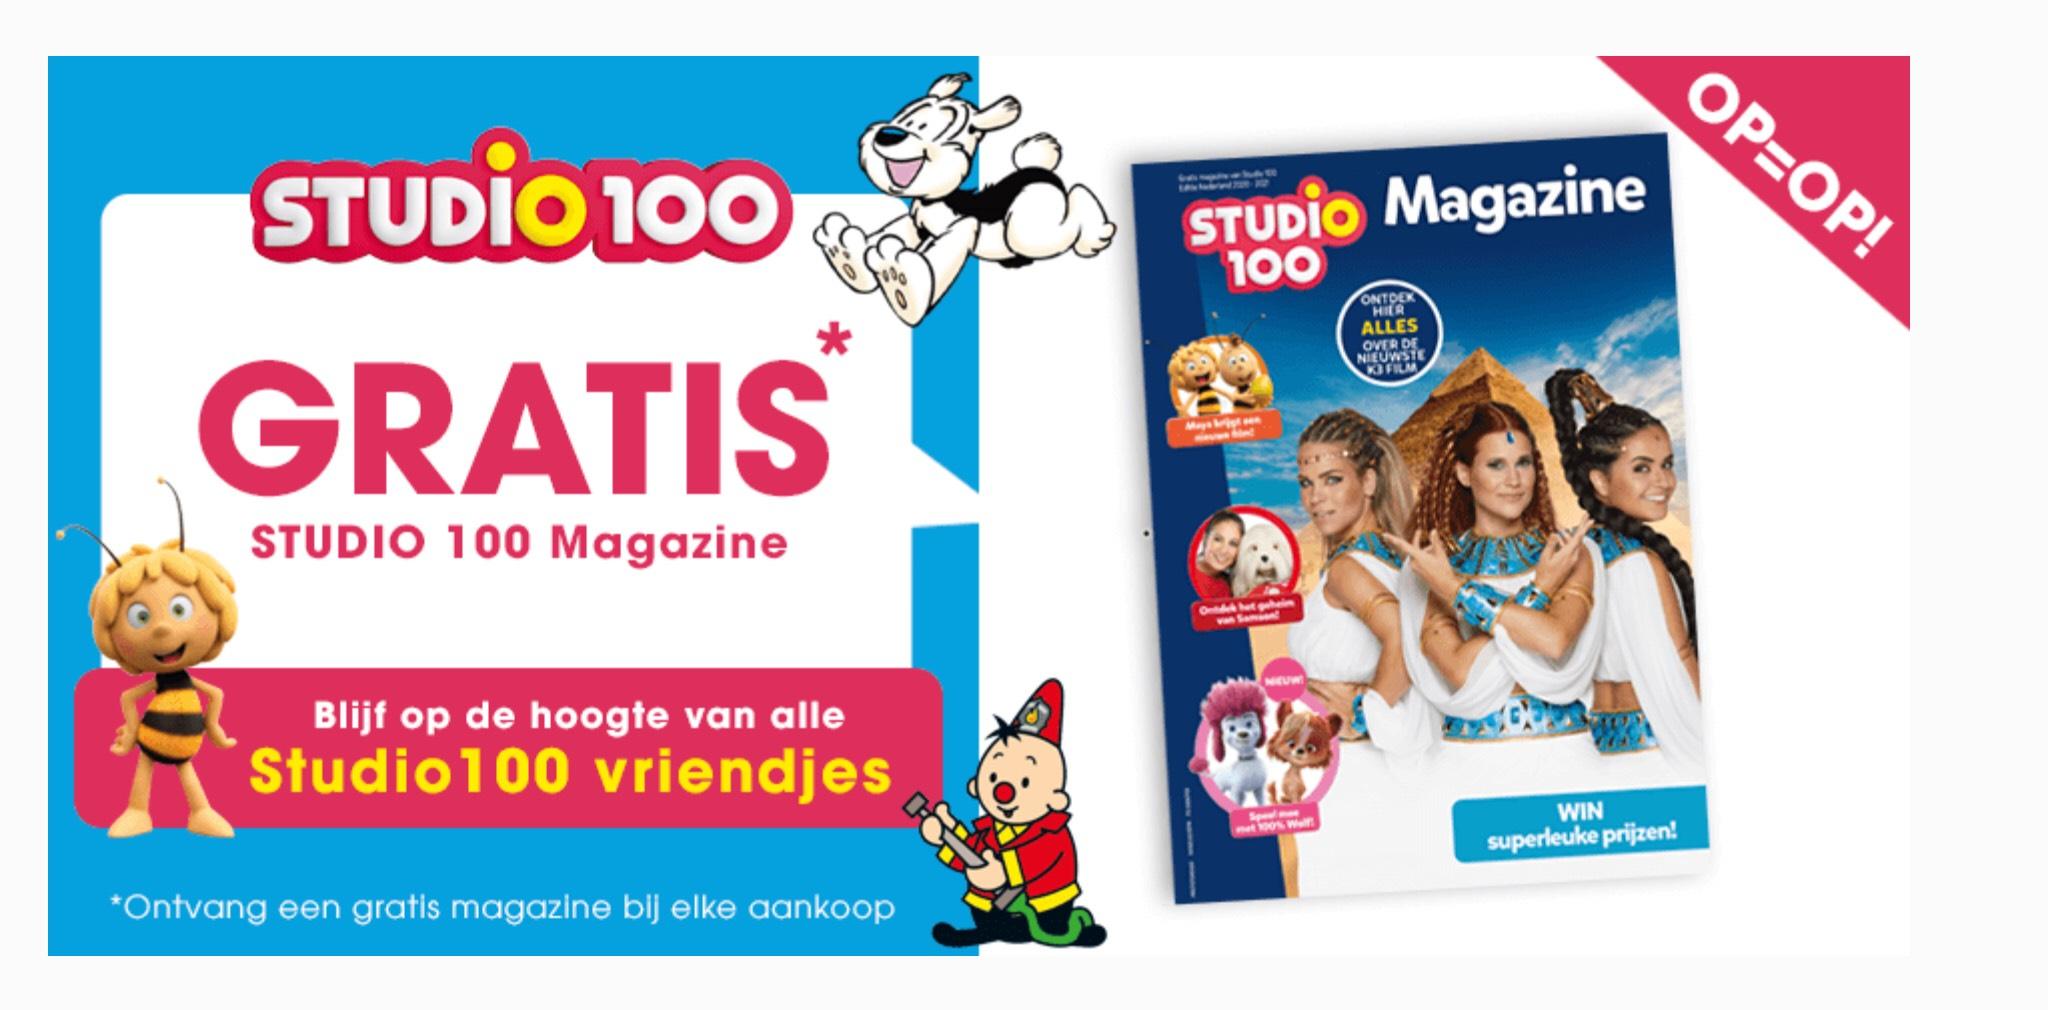 Gratis studio 100 magazine bij elke aankoop in de winkel